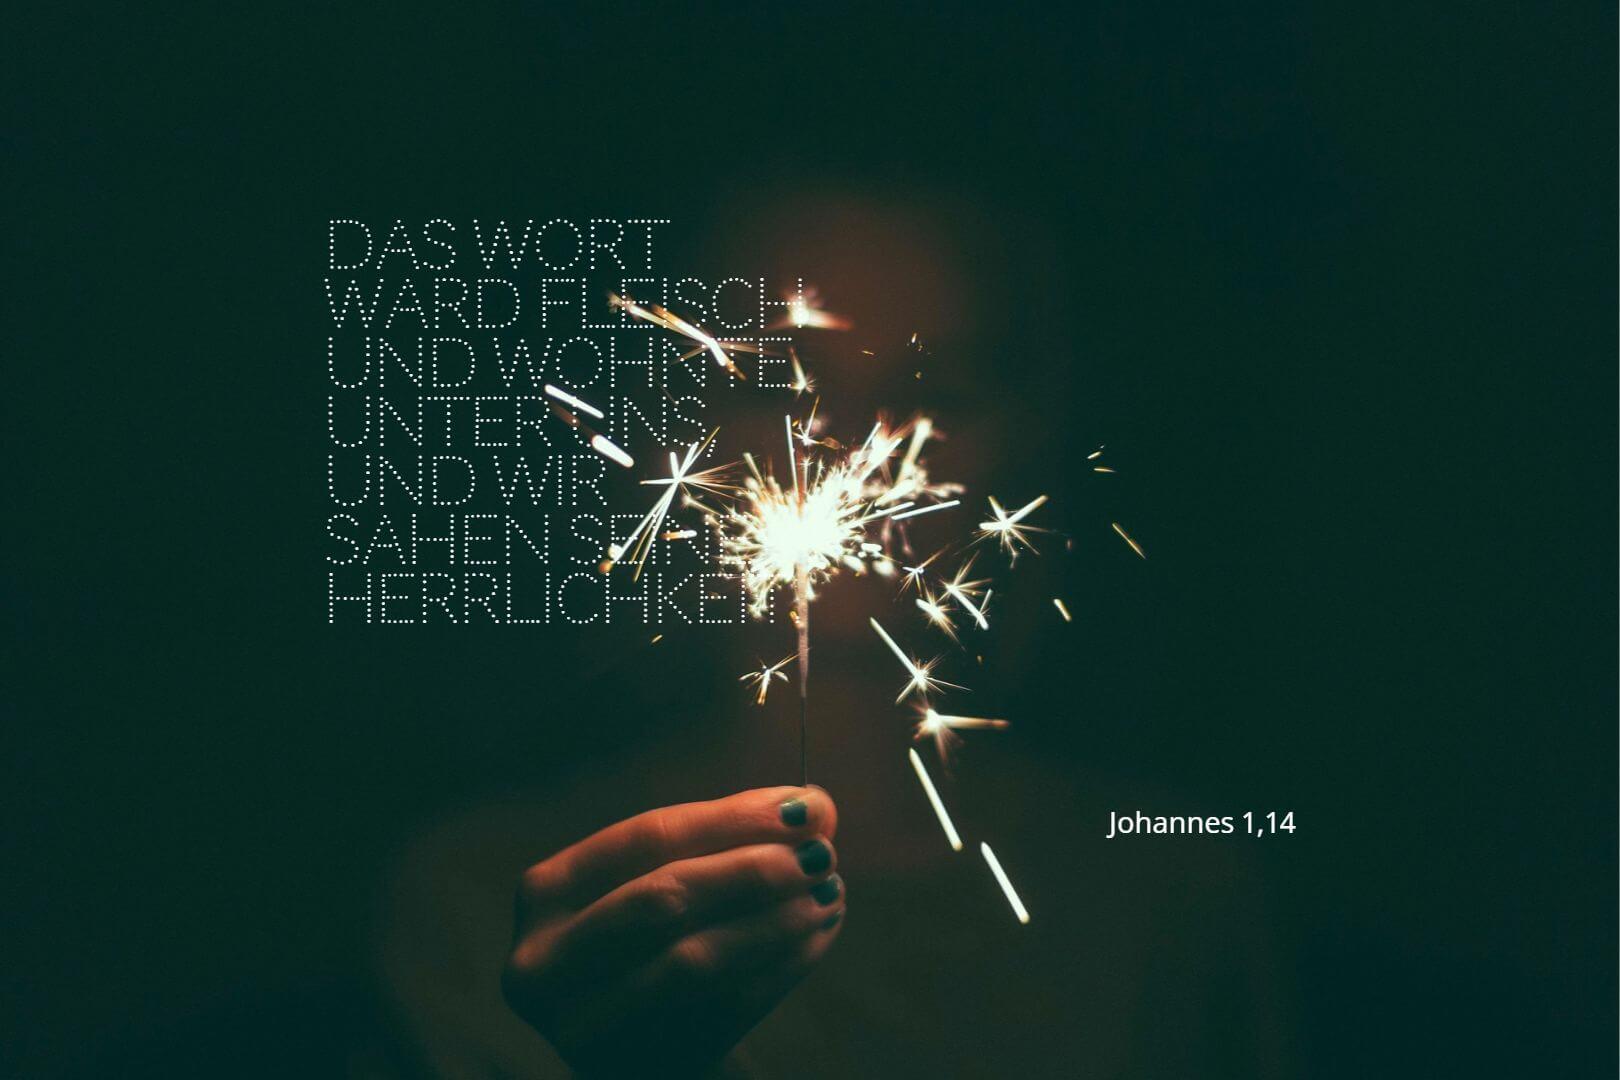 Das Wort ward Fleisch und wohnte unter uns, und wir sahen seine Herrlichkeit. - Johannes 1,14